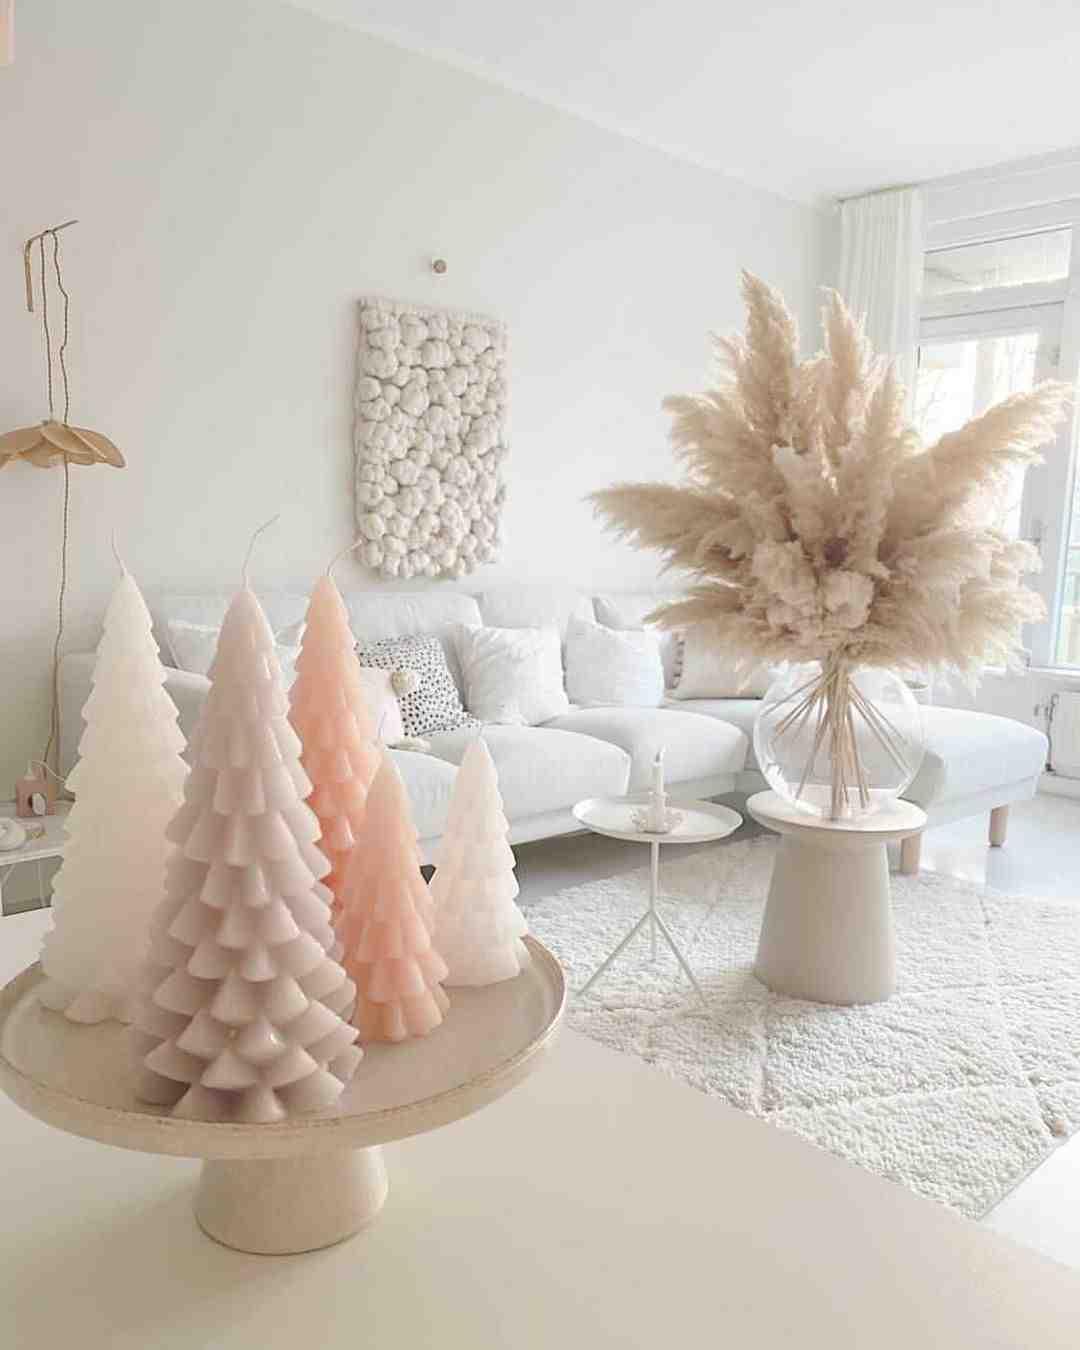 Comment décorer votre intérieur ?